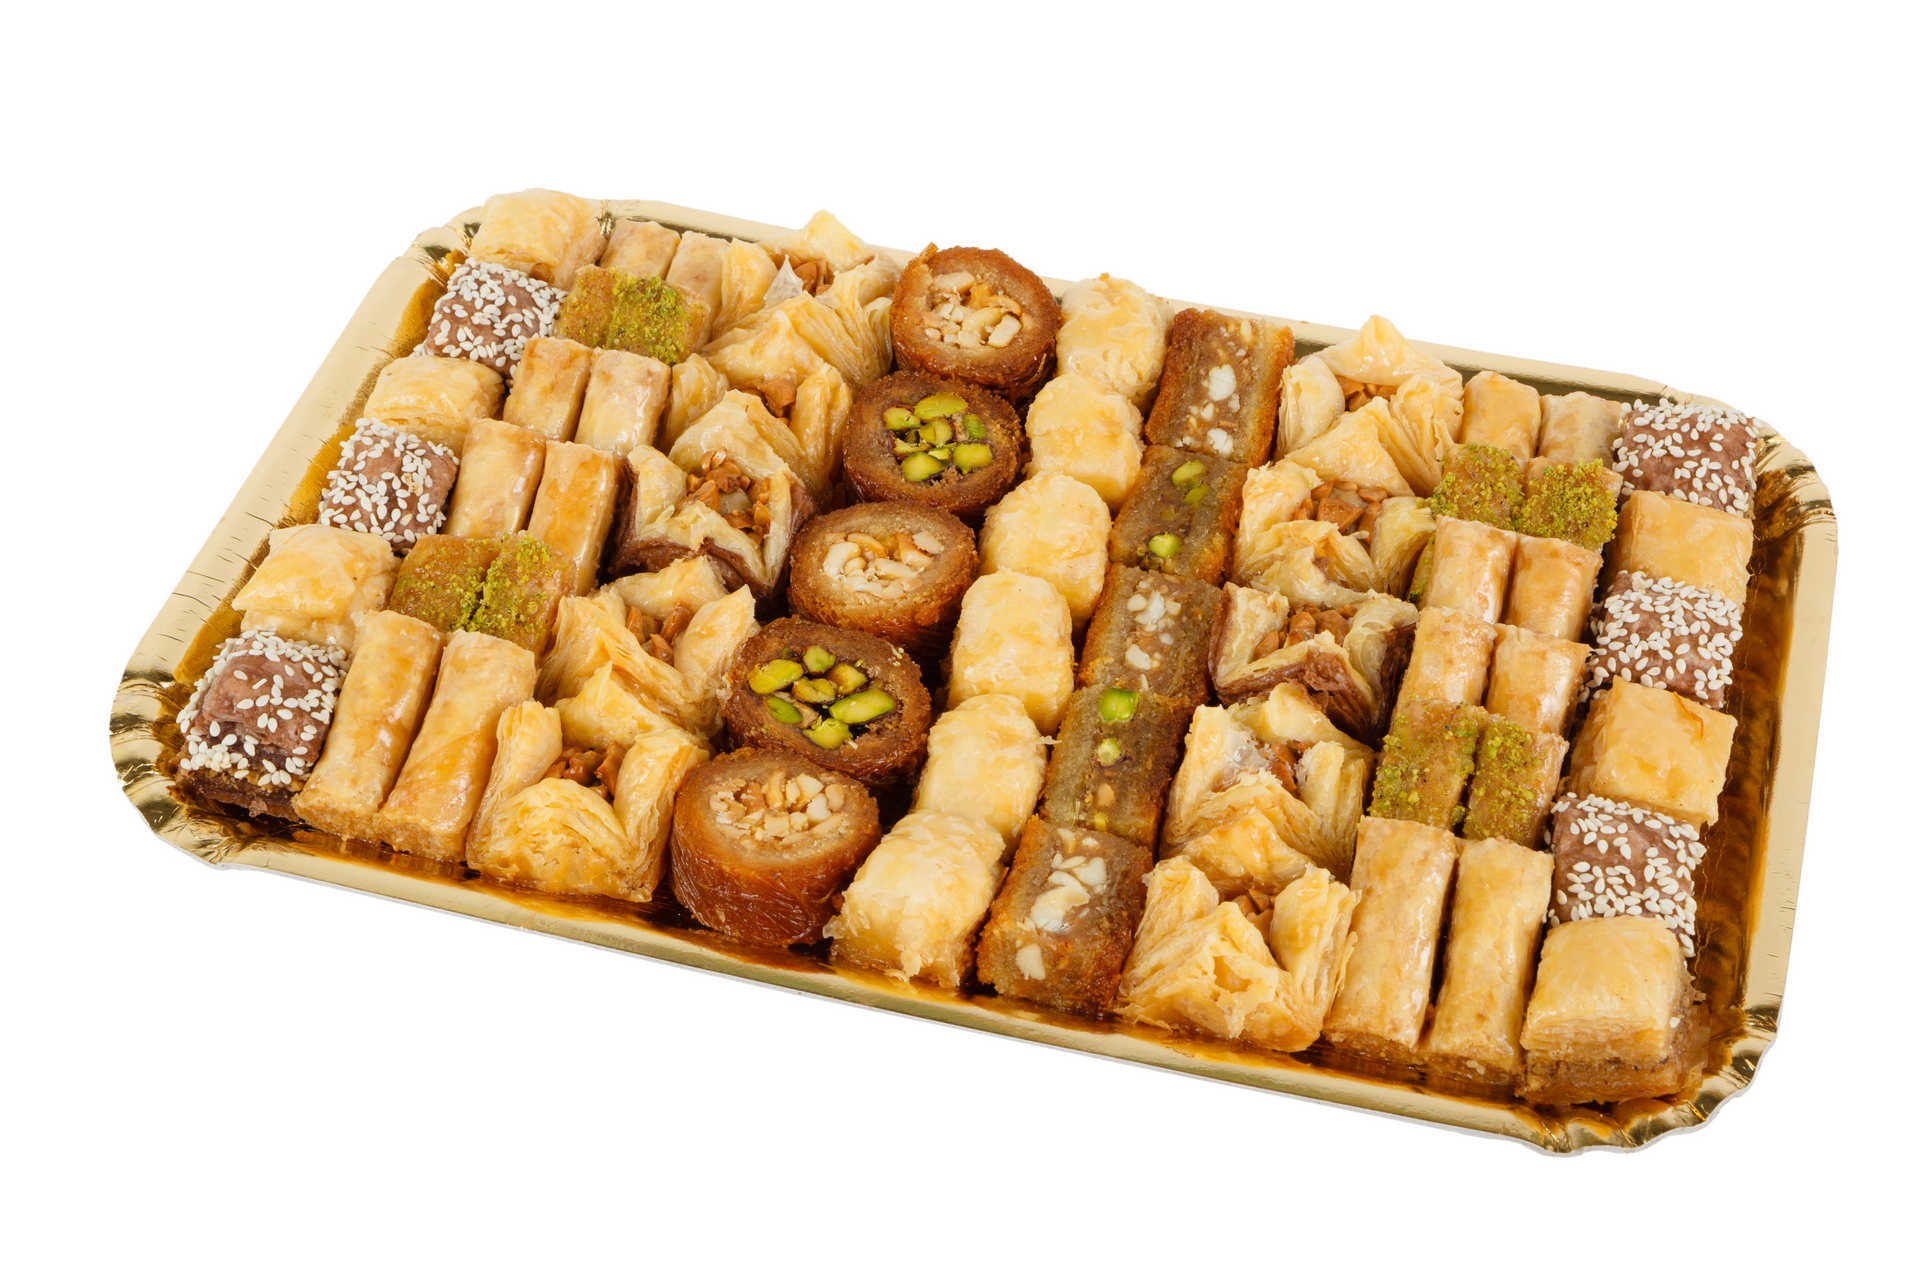 """Pate D'or Пахлава - ассорти ливанских сладостей """"1000 и 1 ночь"""" import_files_75_75ecc6bf787e11e799f3606c664b1de1_6d364de02dcf11e882f7a0a8cddf3602.jpg"""